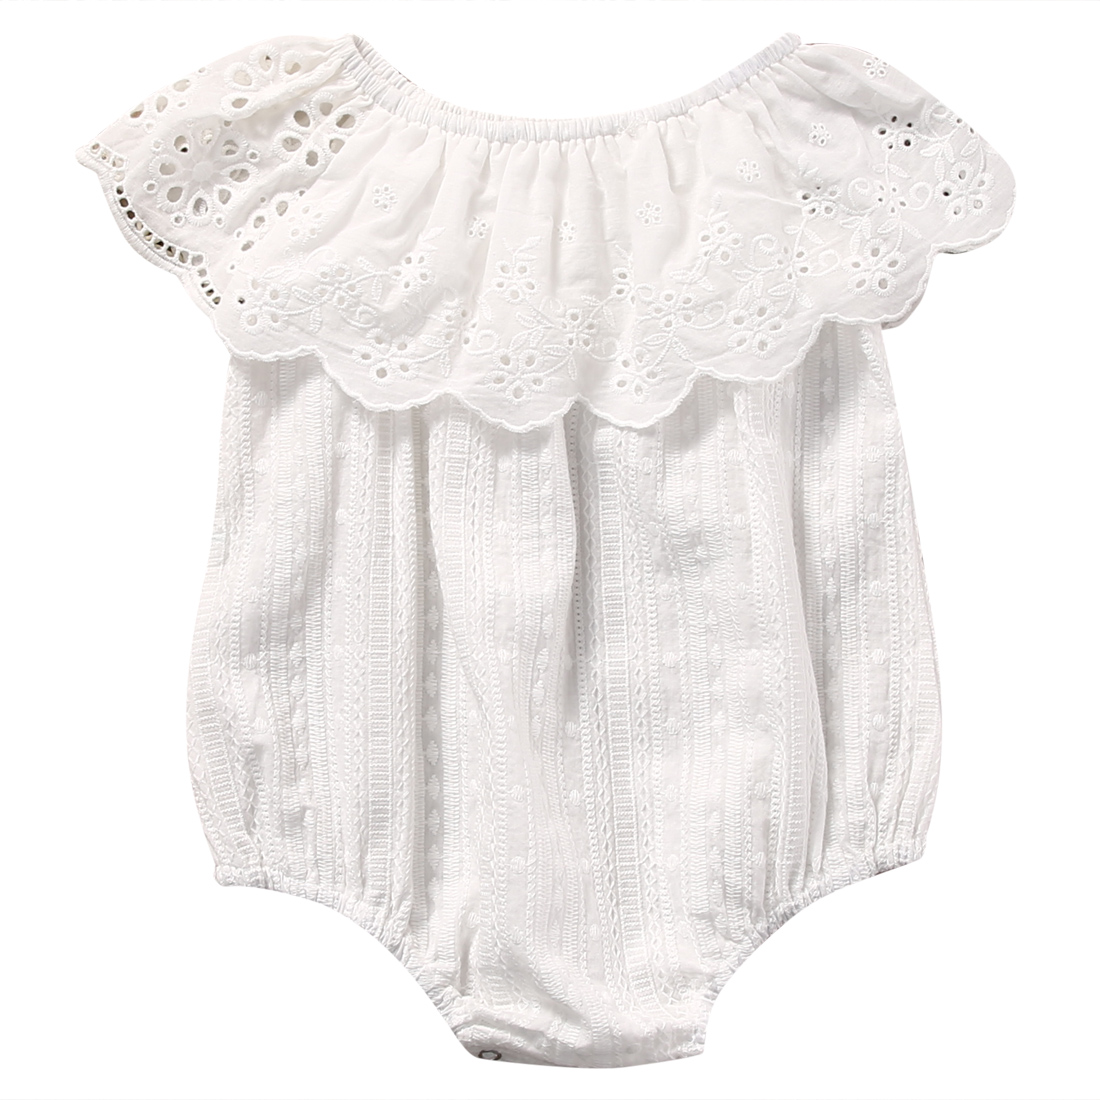 2018 Neue Nette Neugeborene Baby Strampler Kleidung Weiß Spitze Overall Jumpsuit Outfit Sommer Bebes Sunsuit 0-24 Mt Um Zu Helfen, Fettiges Essen Zu Verdauen